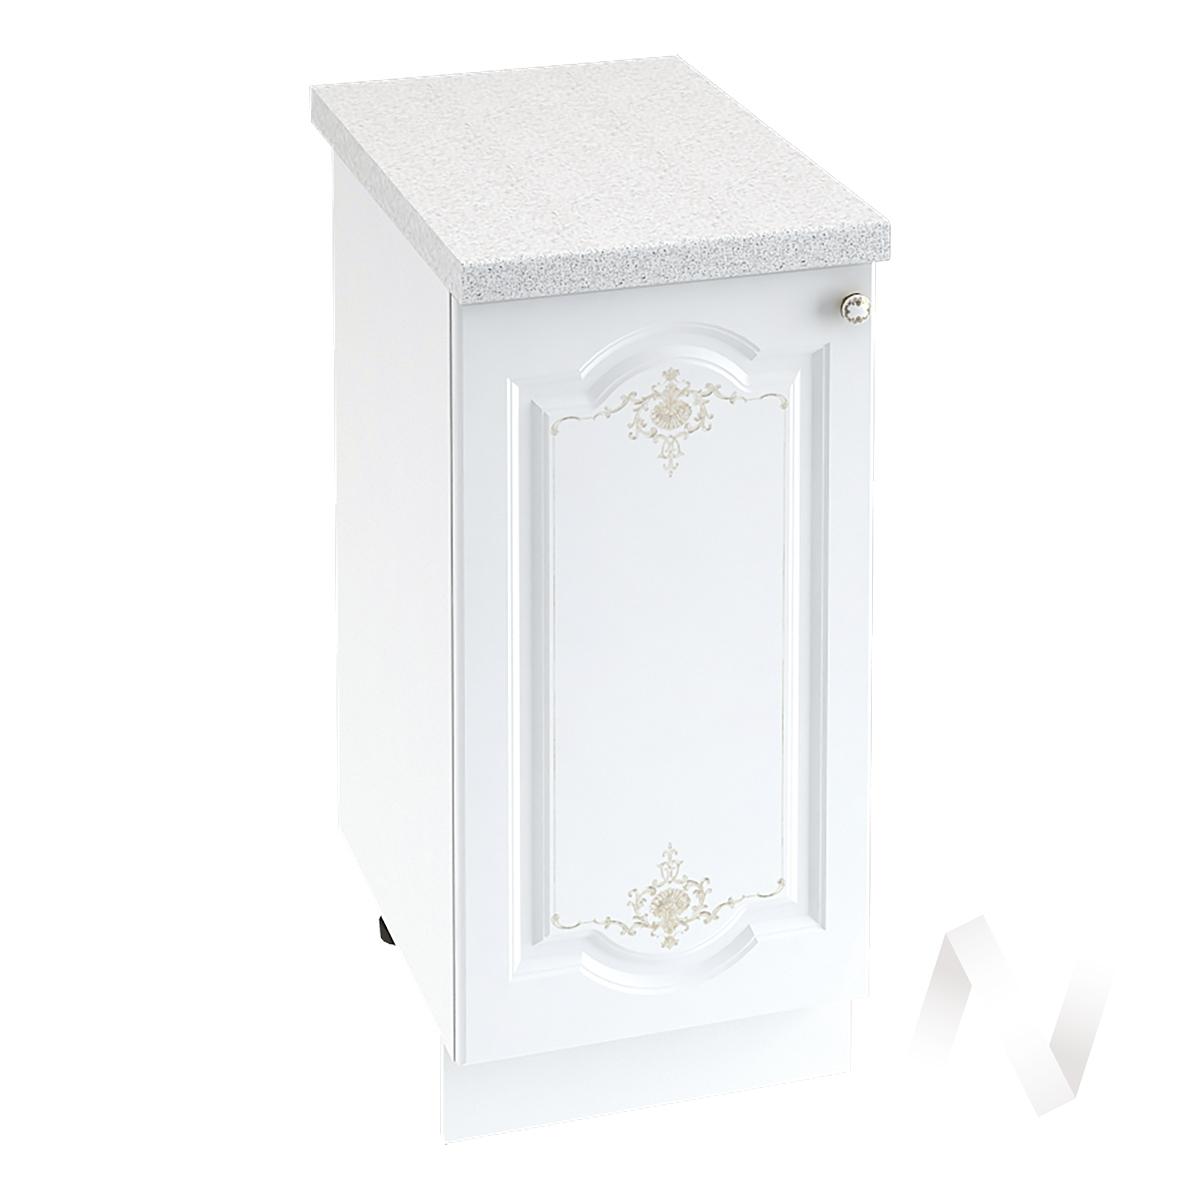 """Кухня """"Шарлиз"""": Шкаф нижний 400, ШН 400 (корпус белый) в Новосибирске в интернет-магазине мебели kuhnya54.ru"""